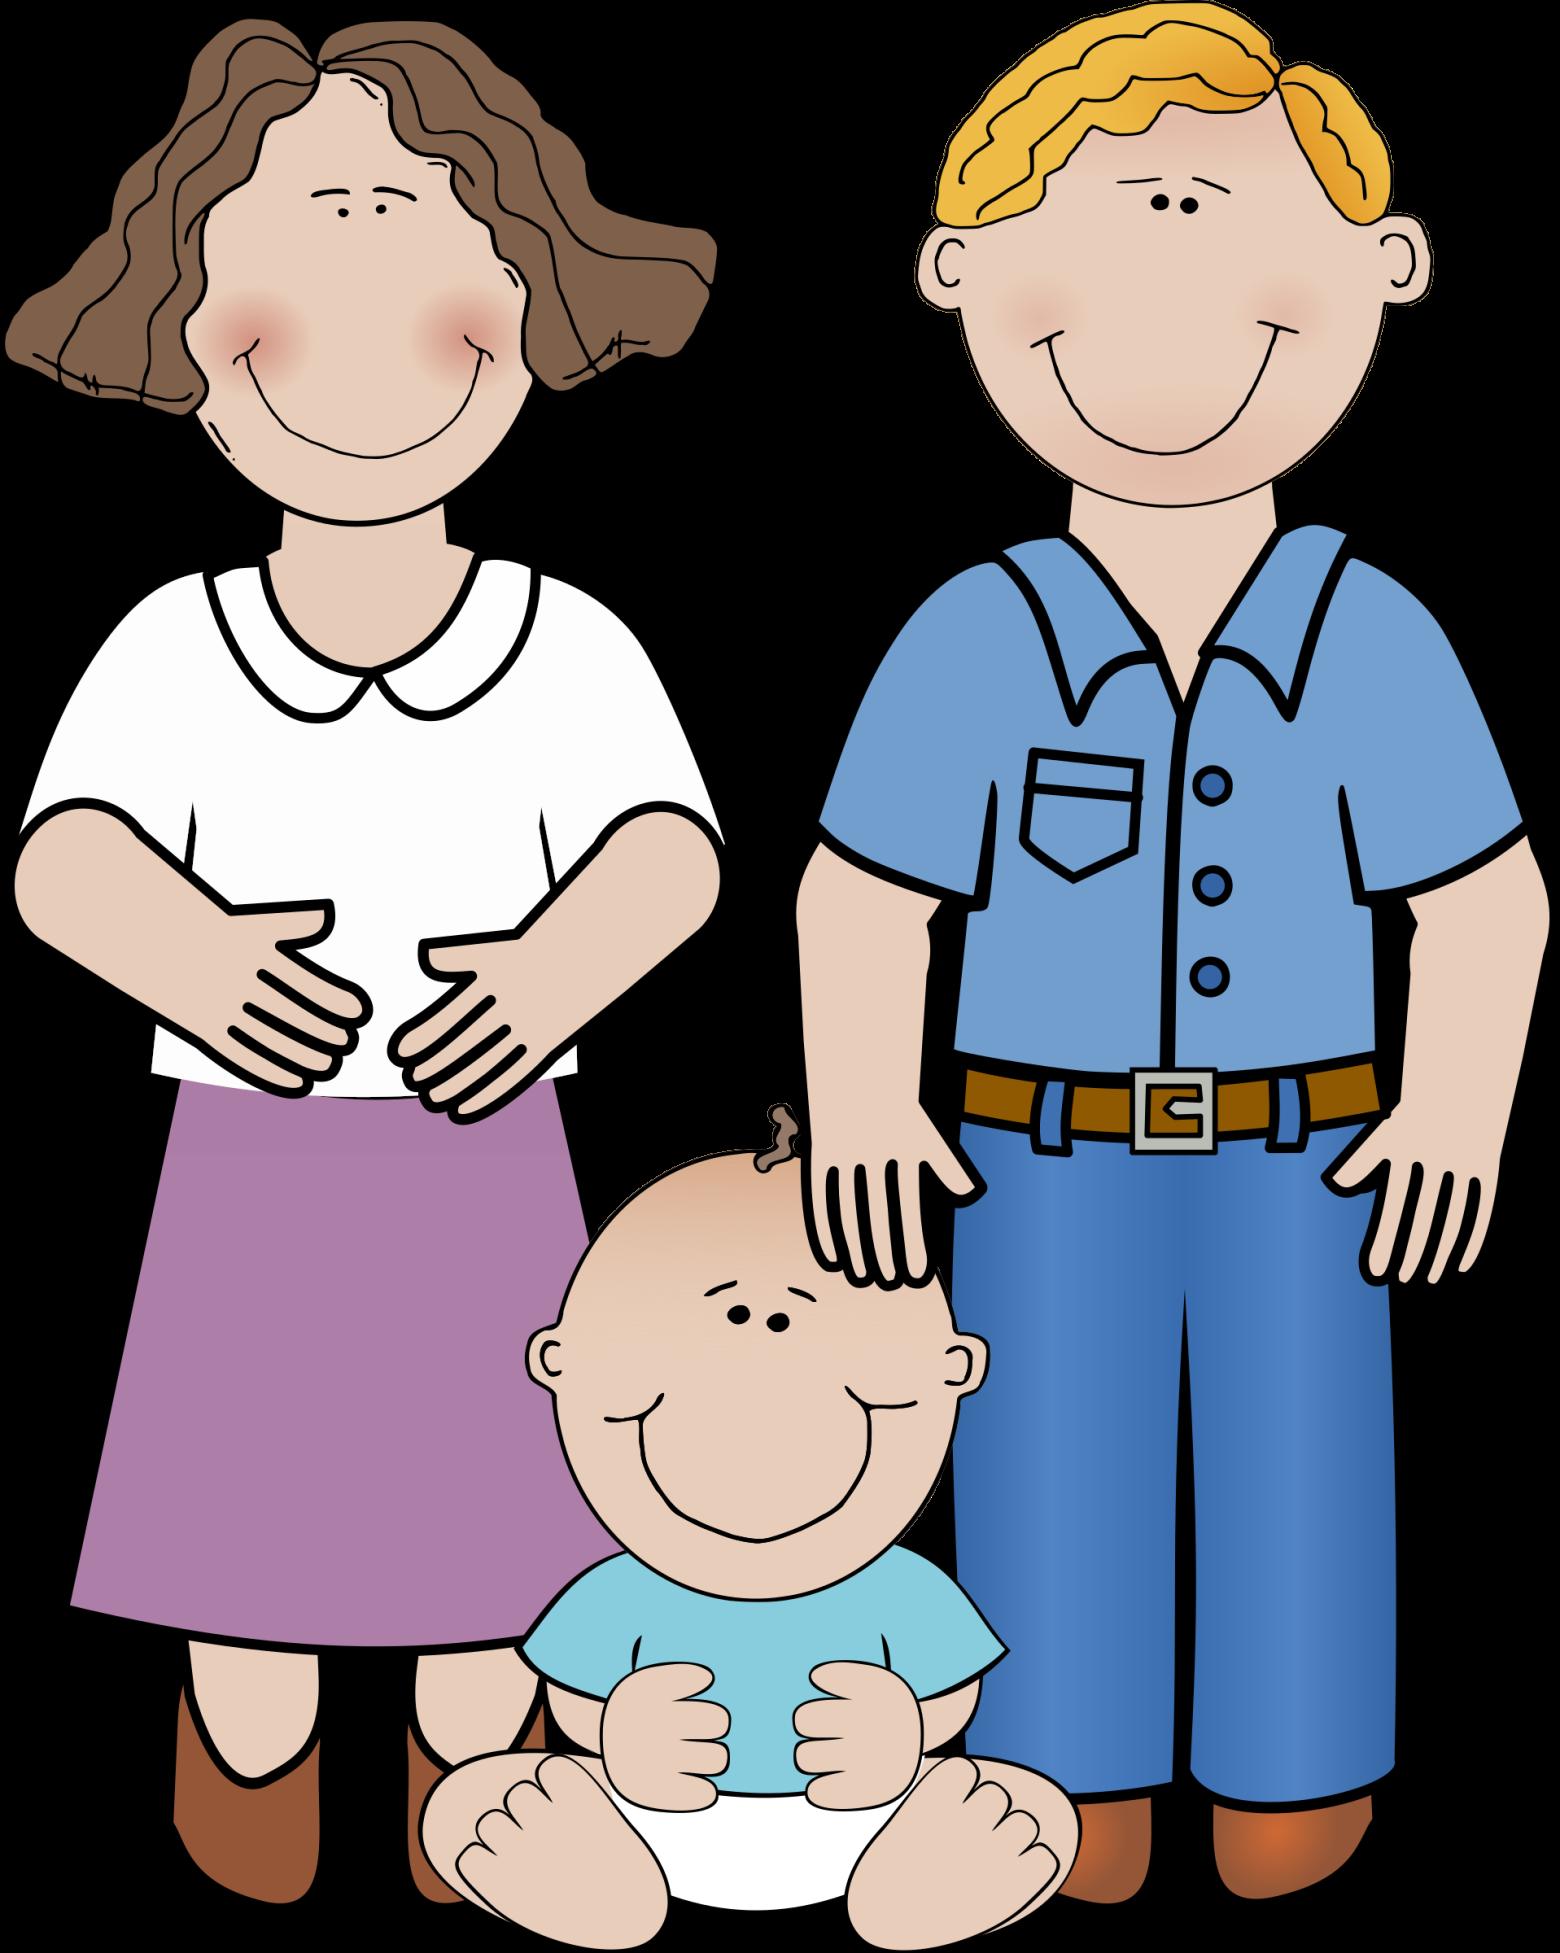 Clipart Famille clipart gratuit famille   images gratuites et libres de droits